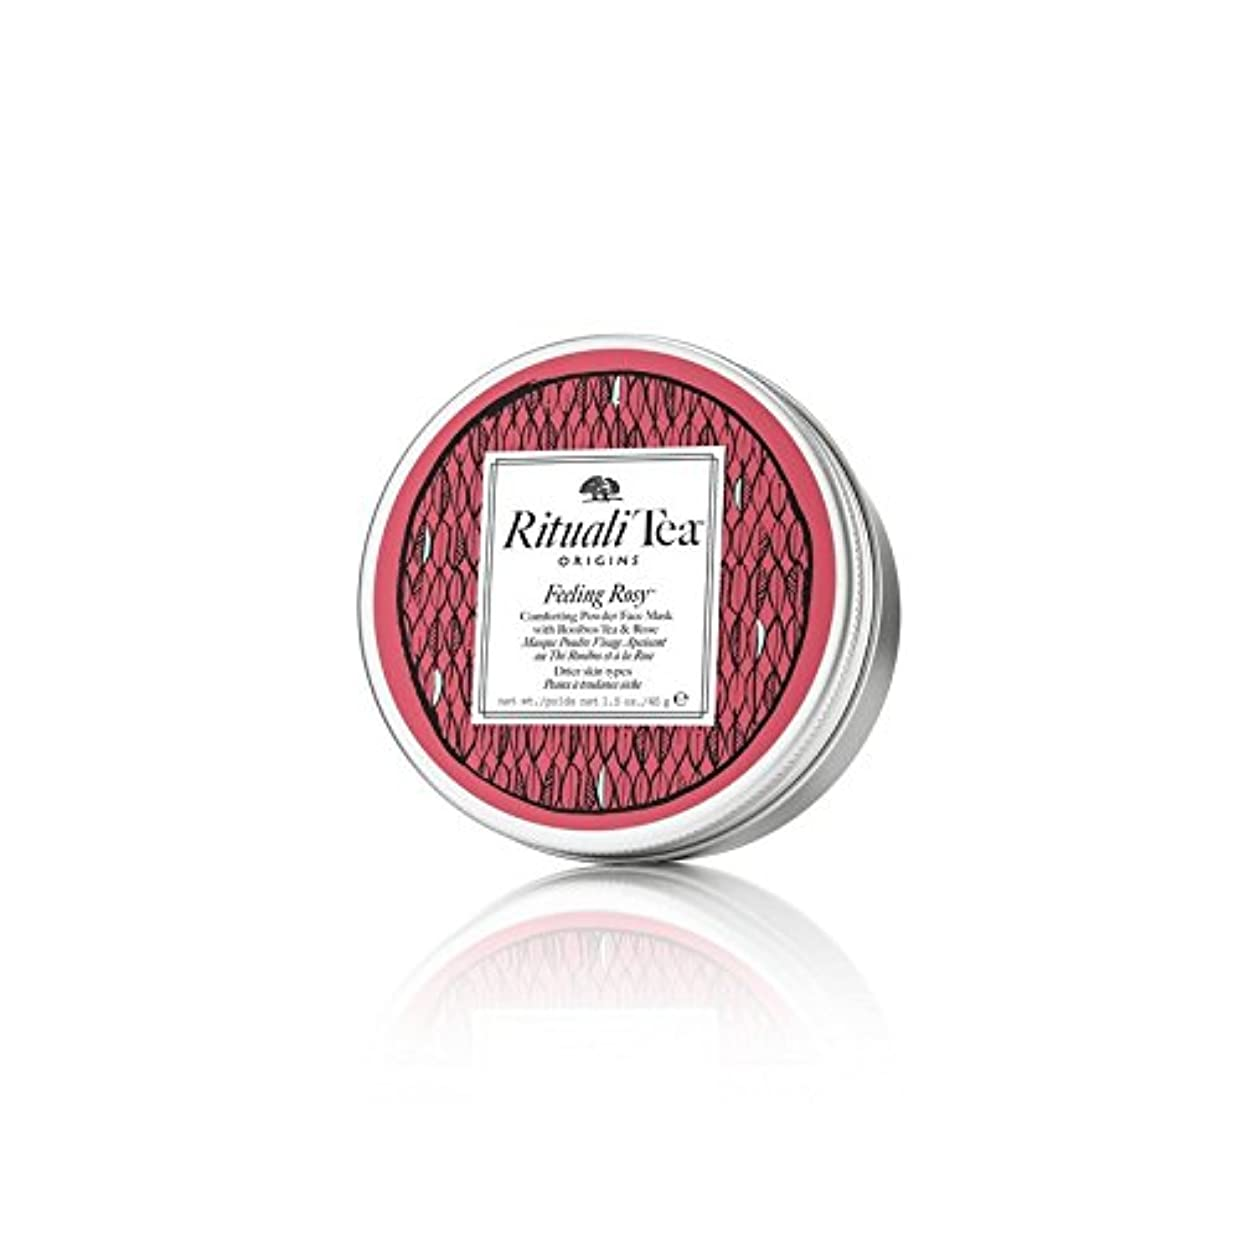 ミシン目収縮知らせるOrigins Powdered Tea Face Mask Feeling Rosy 45g (Pack of 6) - バラ色の45グラムを感じ起源抹茶のフェイスマスク x6 [並行輸入品]